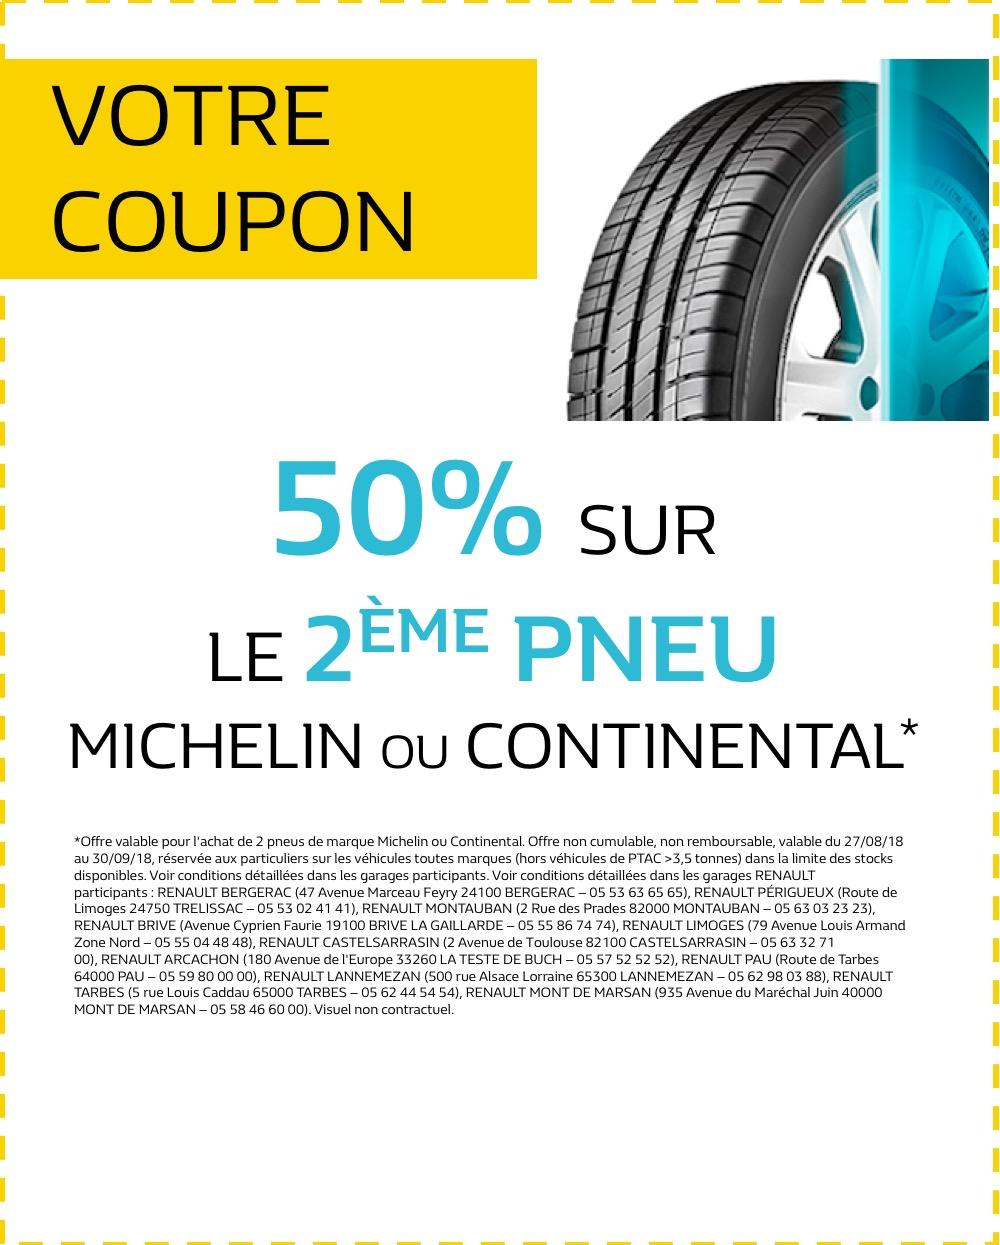 Renault coupons renault toulouse etats unis offre 4046 50 sur le 2 me pneu michelin ou - Garage renault toulouse etats unis ...